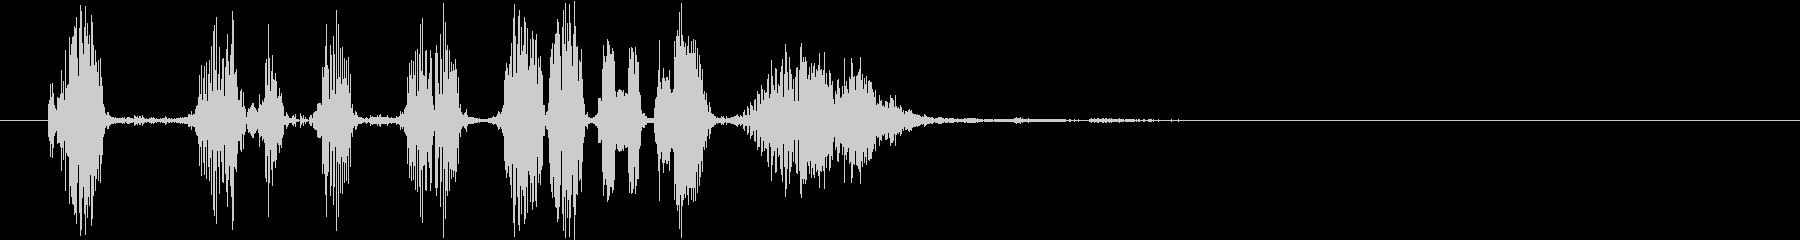 英語のDJボイススクラッチの未再生の波形